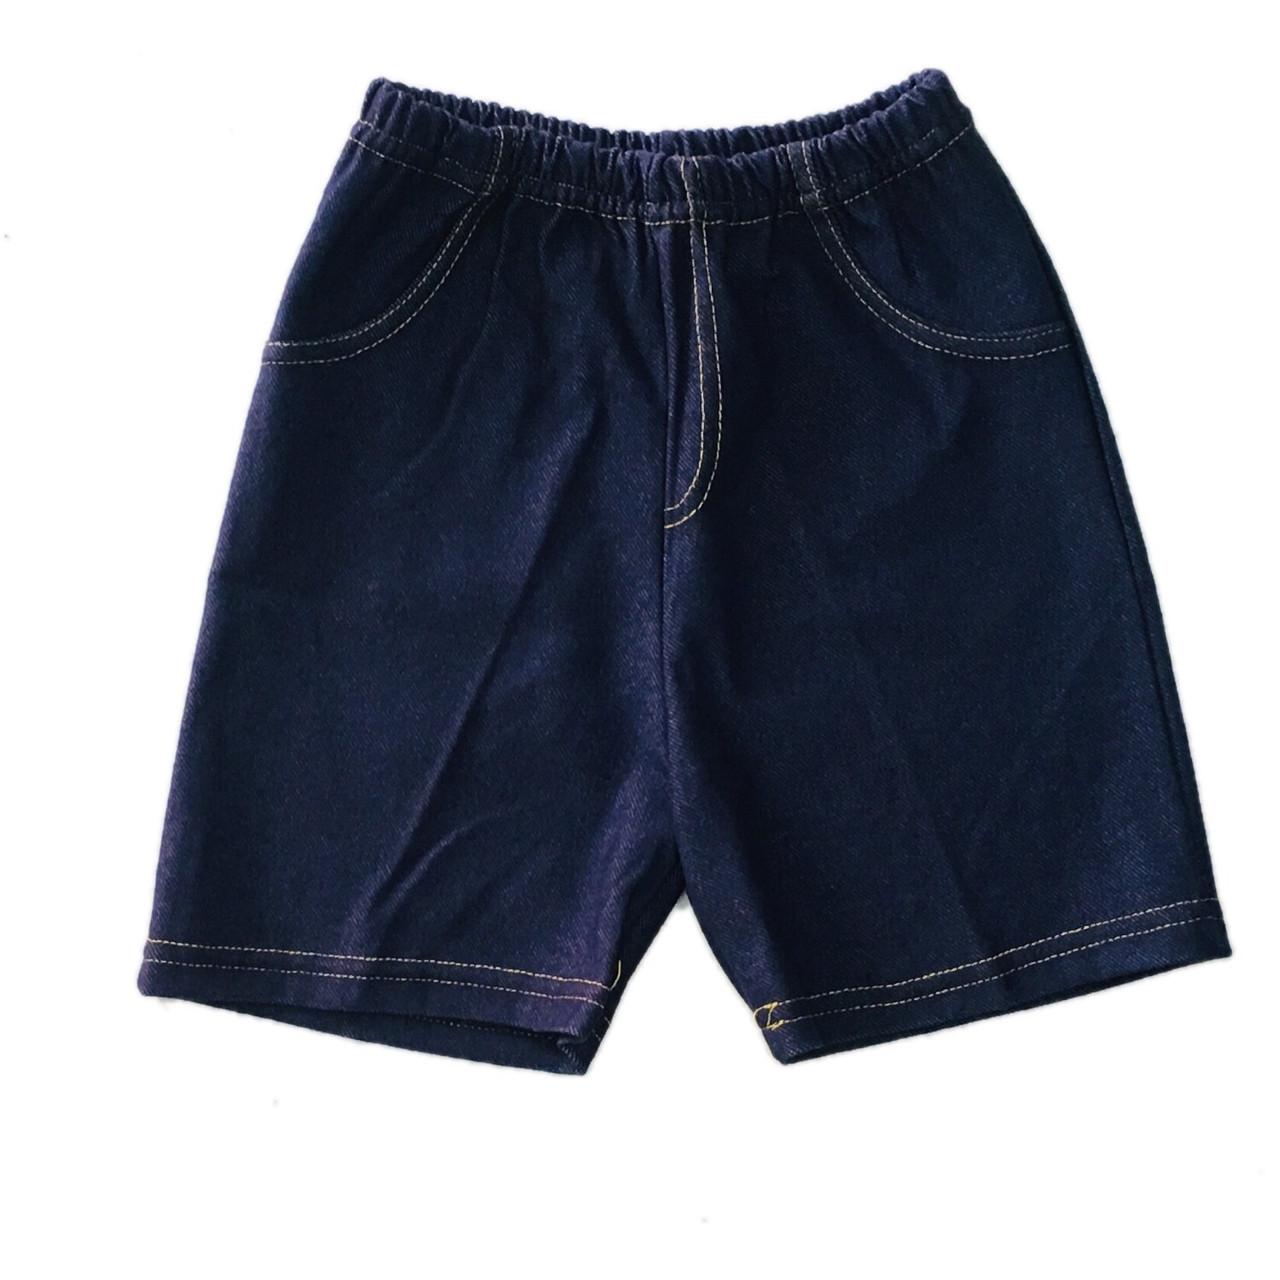 Детские шорты для мальчика, 104см